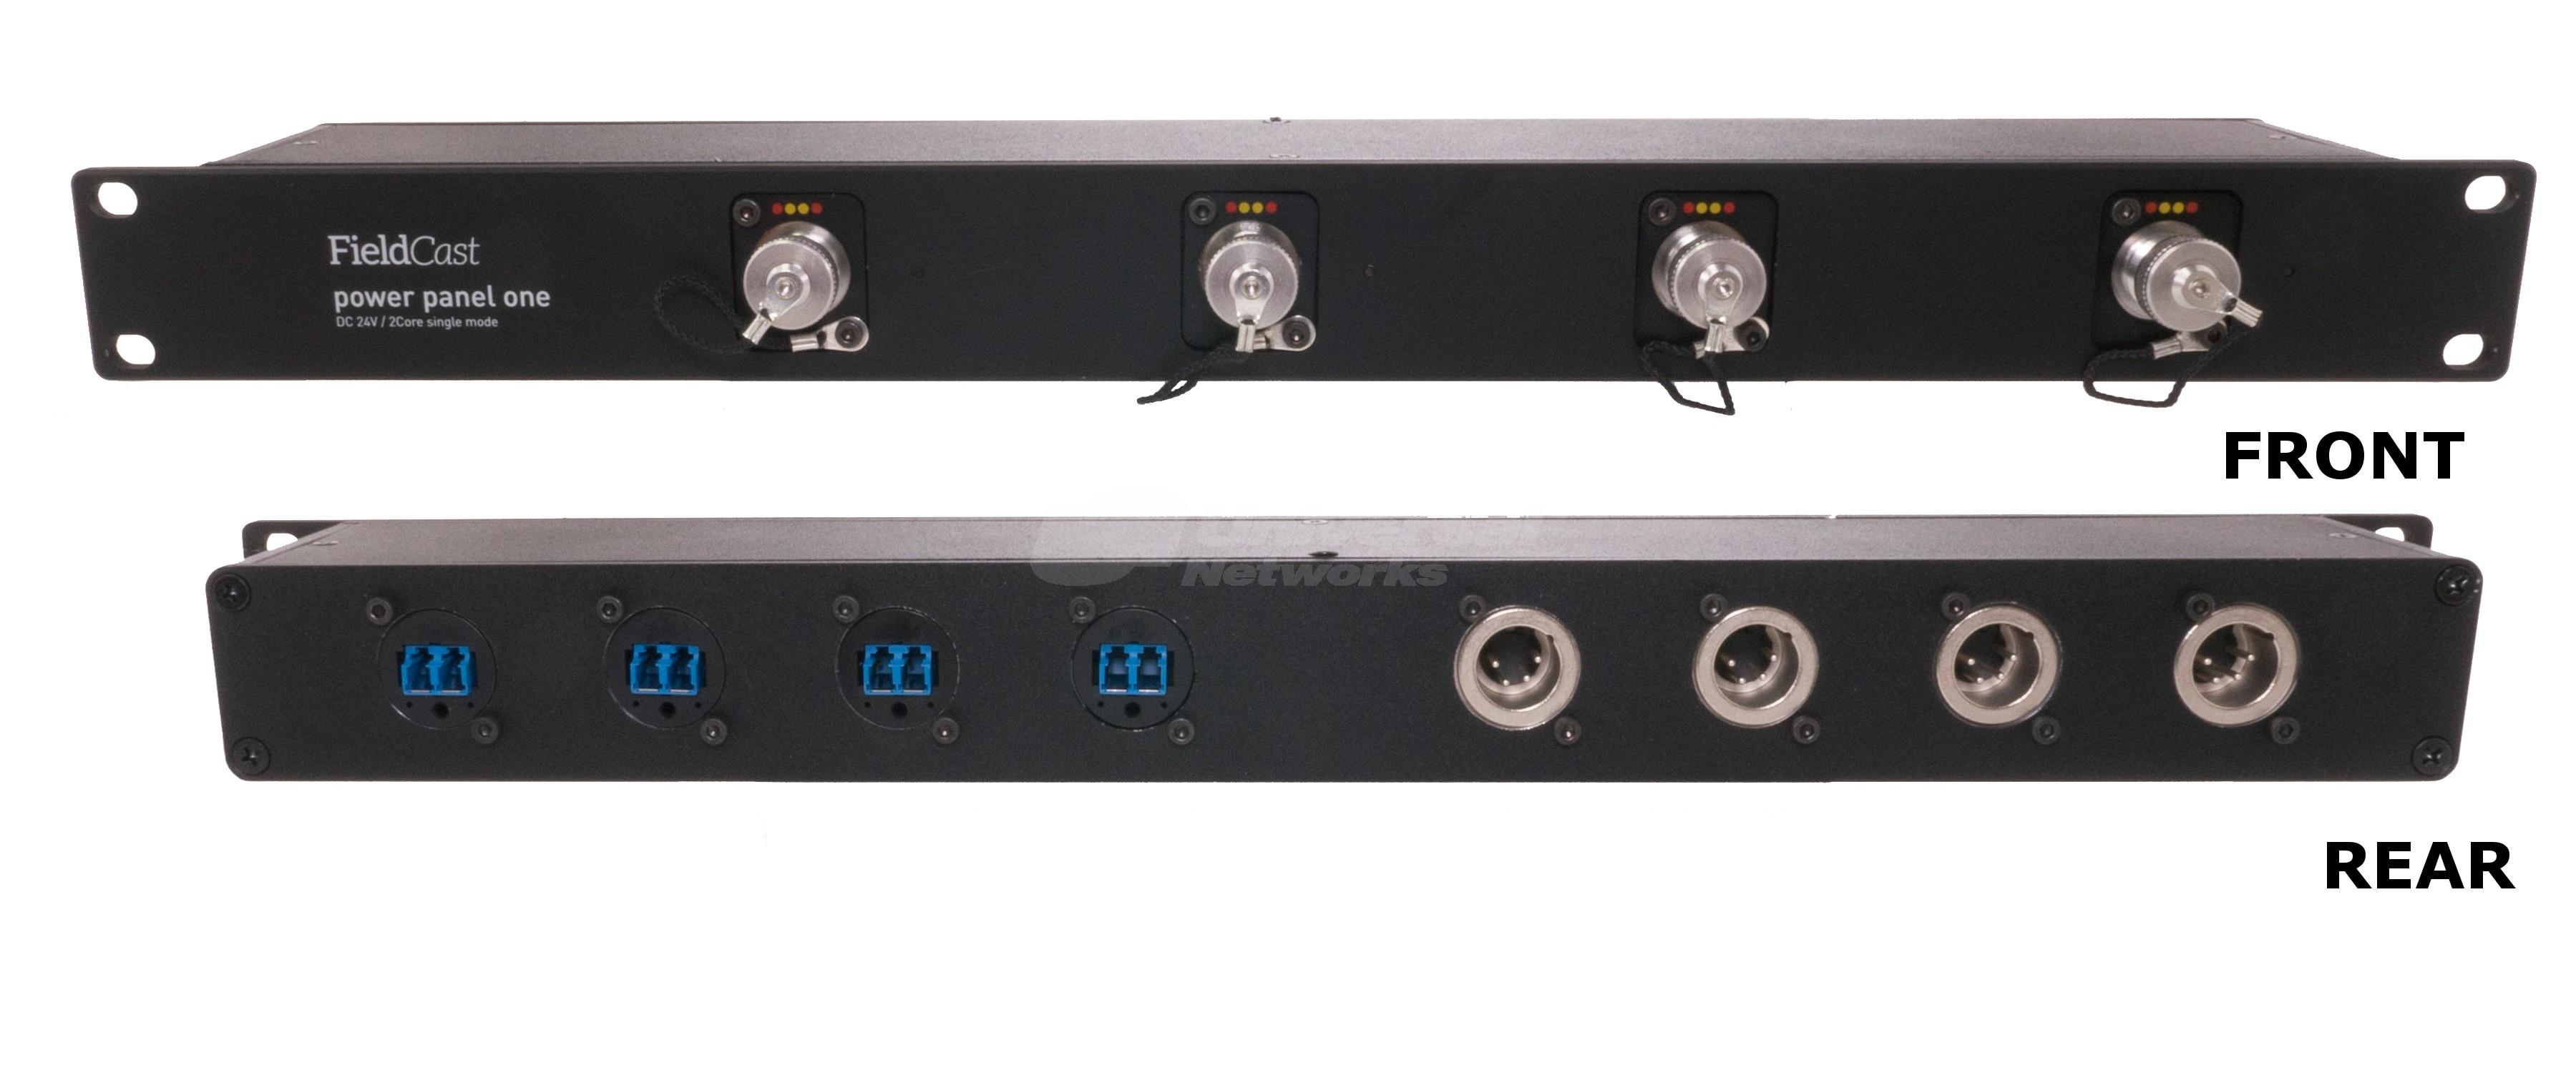 FieldCast Power Panel One